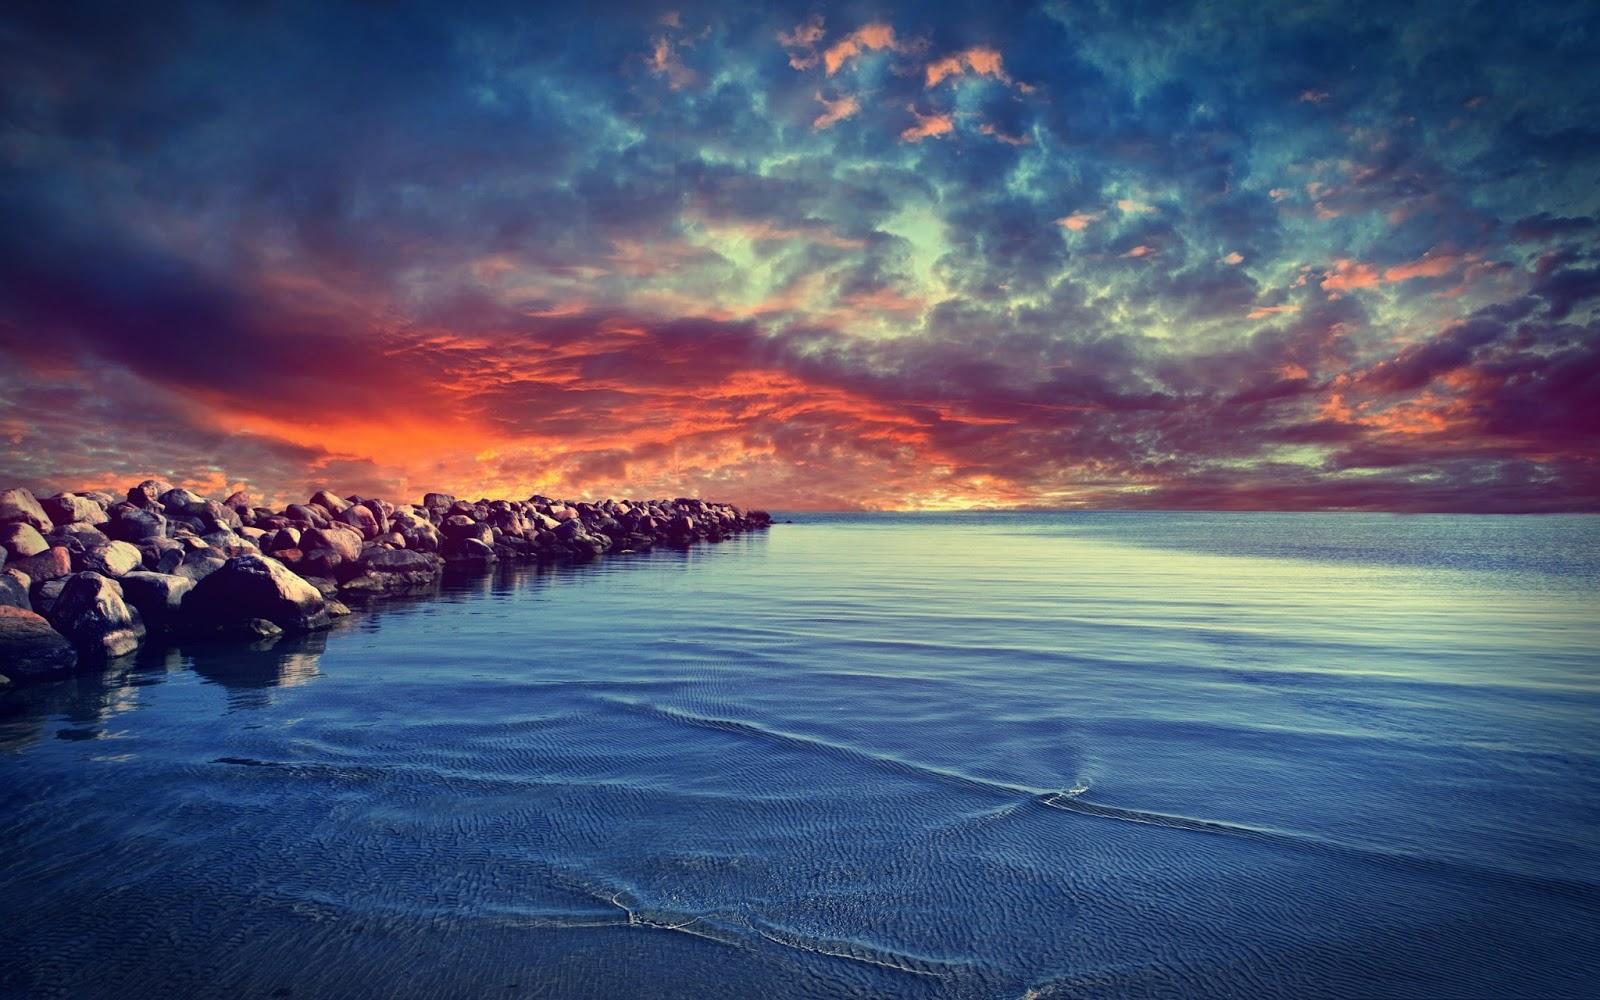 http://3.bp.blogspot.com/-d1eU19j6D6Y/UOZE7yGICqI/AAAAAAAANPc/uMN616JEl0w/s1600/Baltic+Sea.jpg